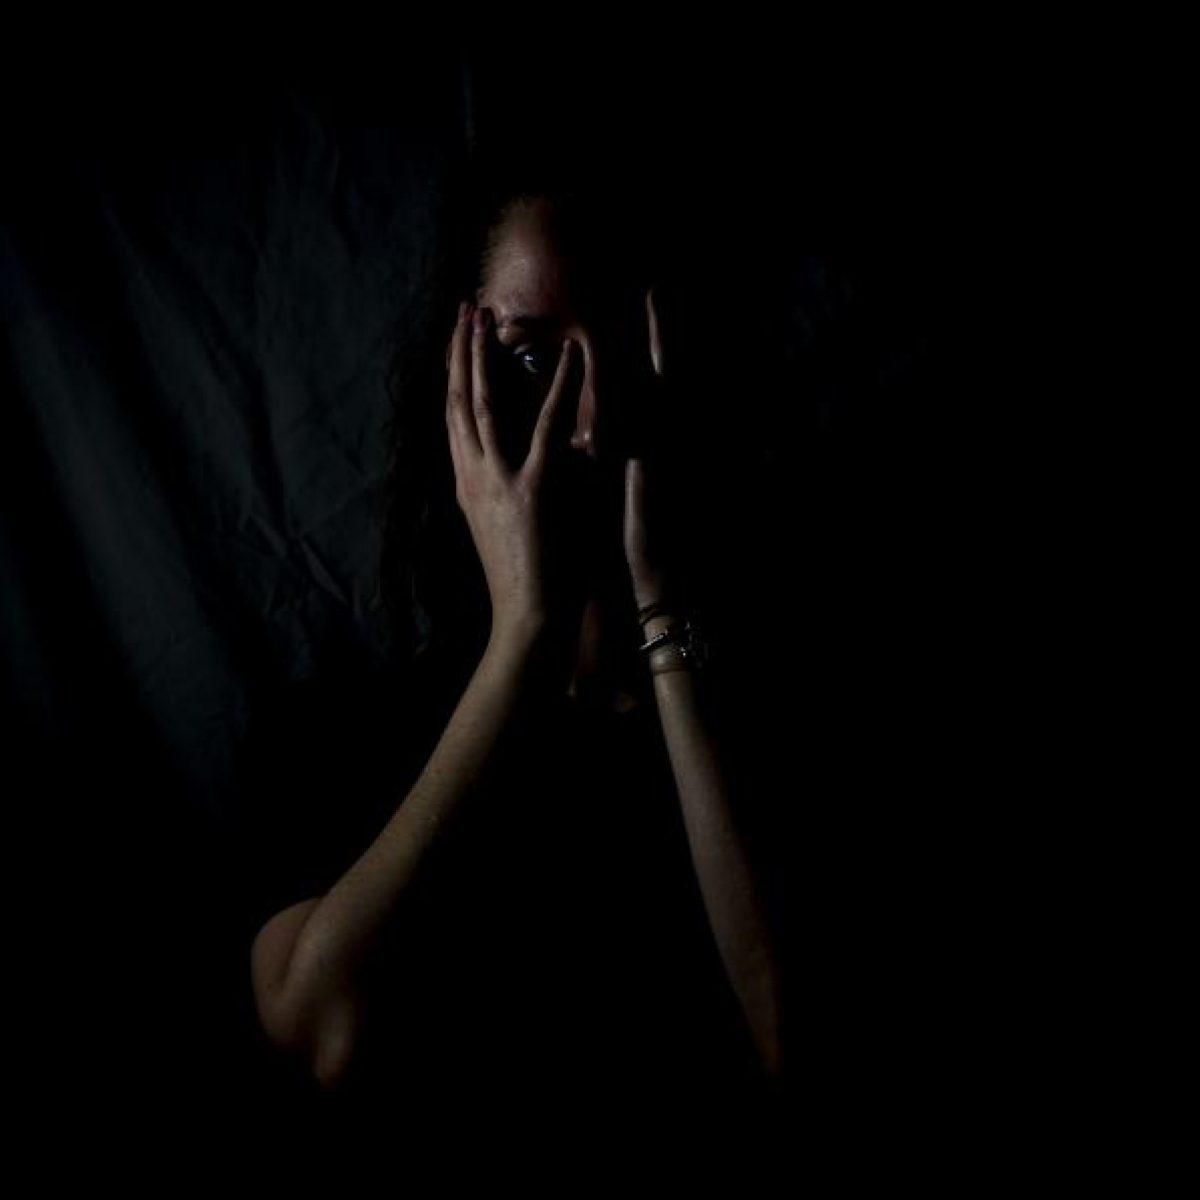 Forlì, sequestrò la fidanzata per il sesso a tre, condannato in appello